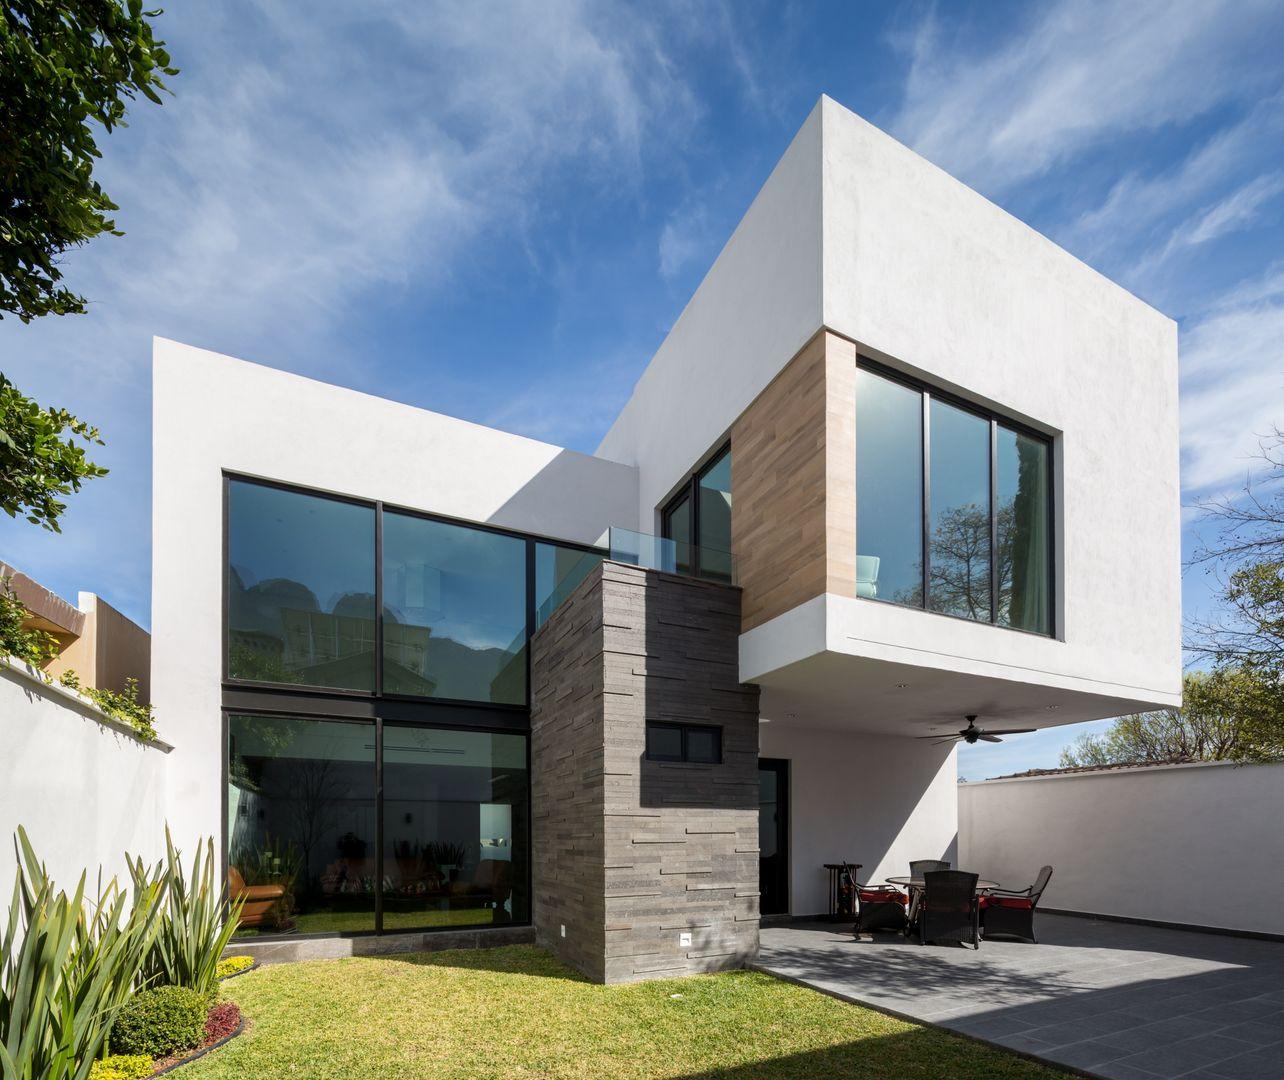 15 fachadas de casas con revestimiento de piedra sensacionales